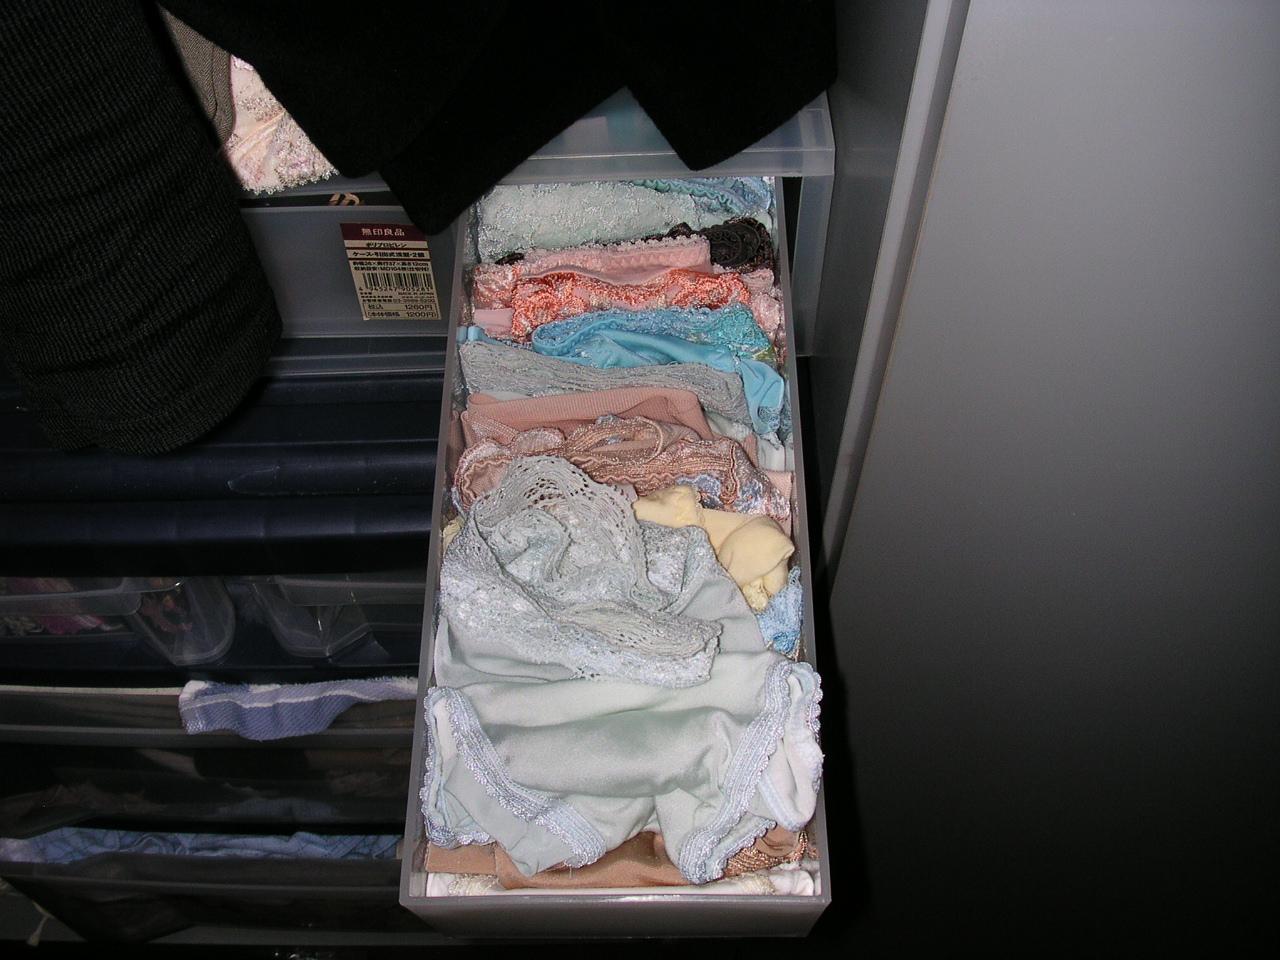 初潮を迎えたjc妹のタンスの中の下着盗撮エロ画像11枚目